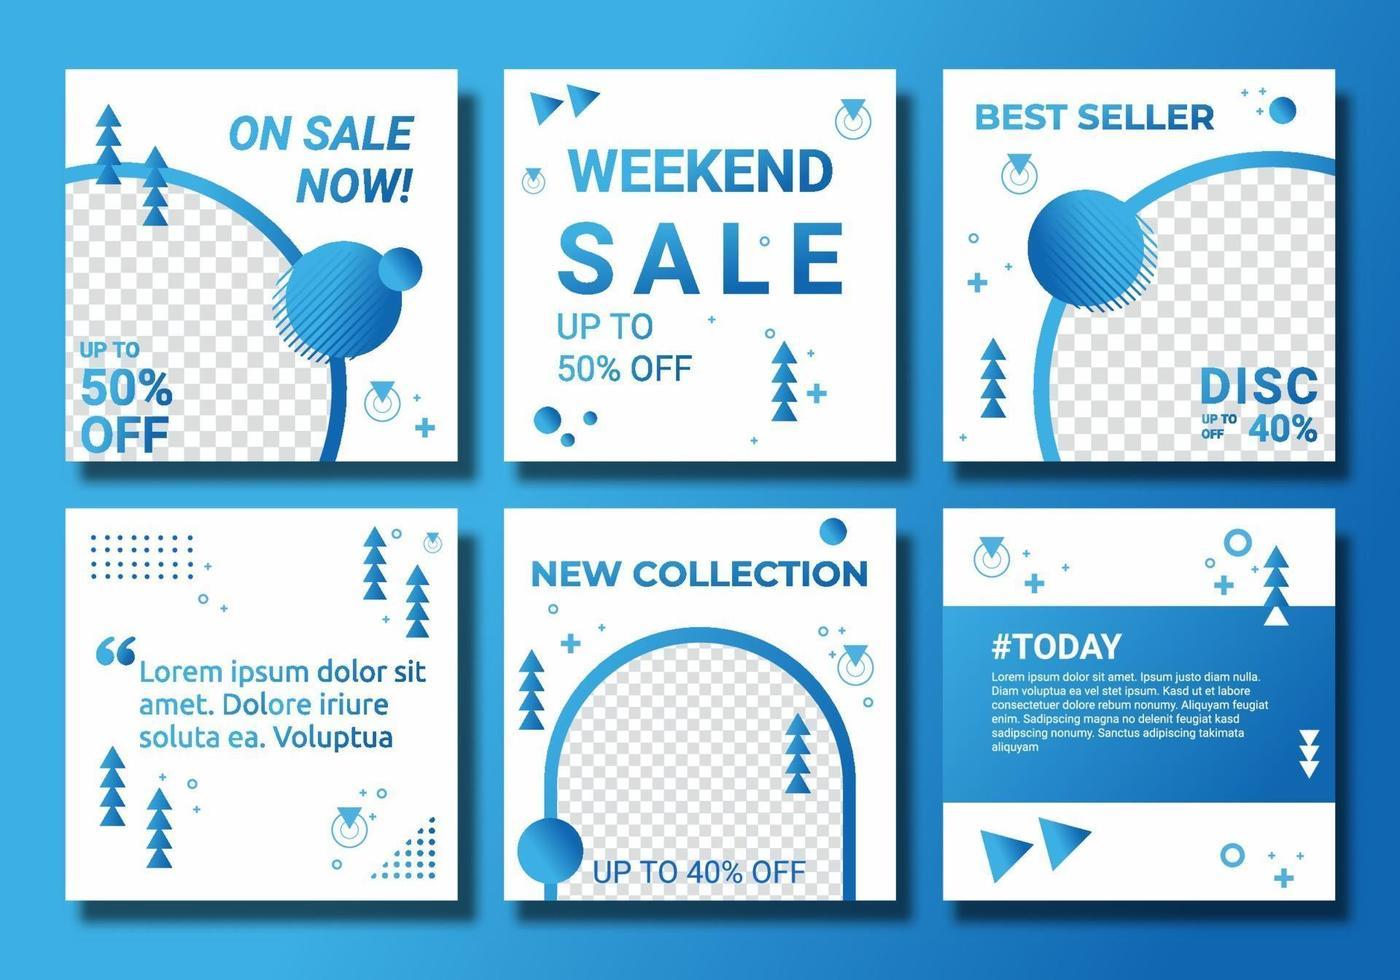 redigerbar mallpost för ig feed-postannonser. webbbannerannonser för marknadsföringsdesign med blå tonad färg. minimalistisk stil till salu din produkt. abstrakt social media design vektorillustration vektor